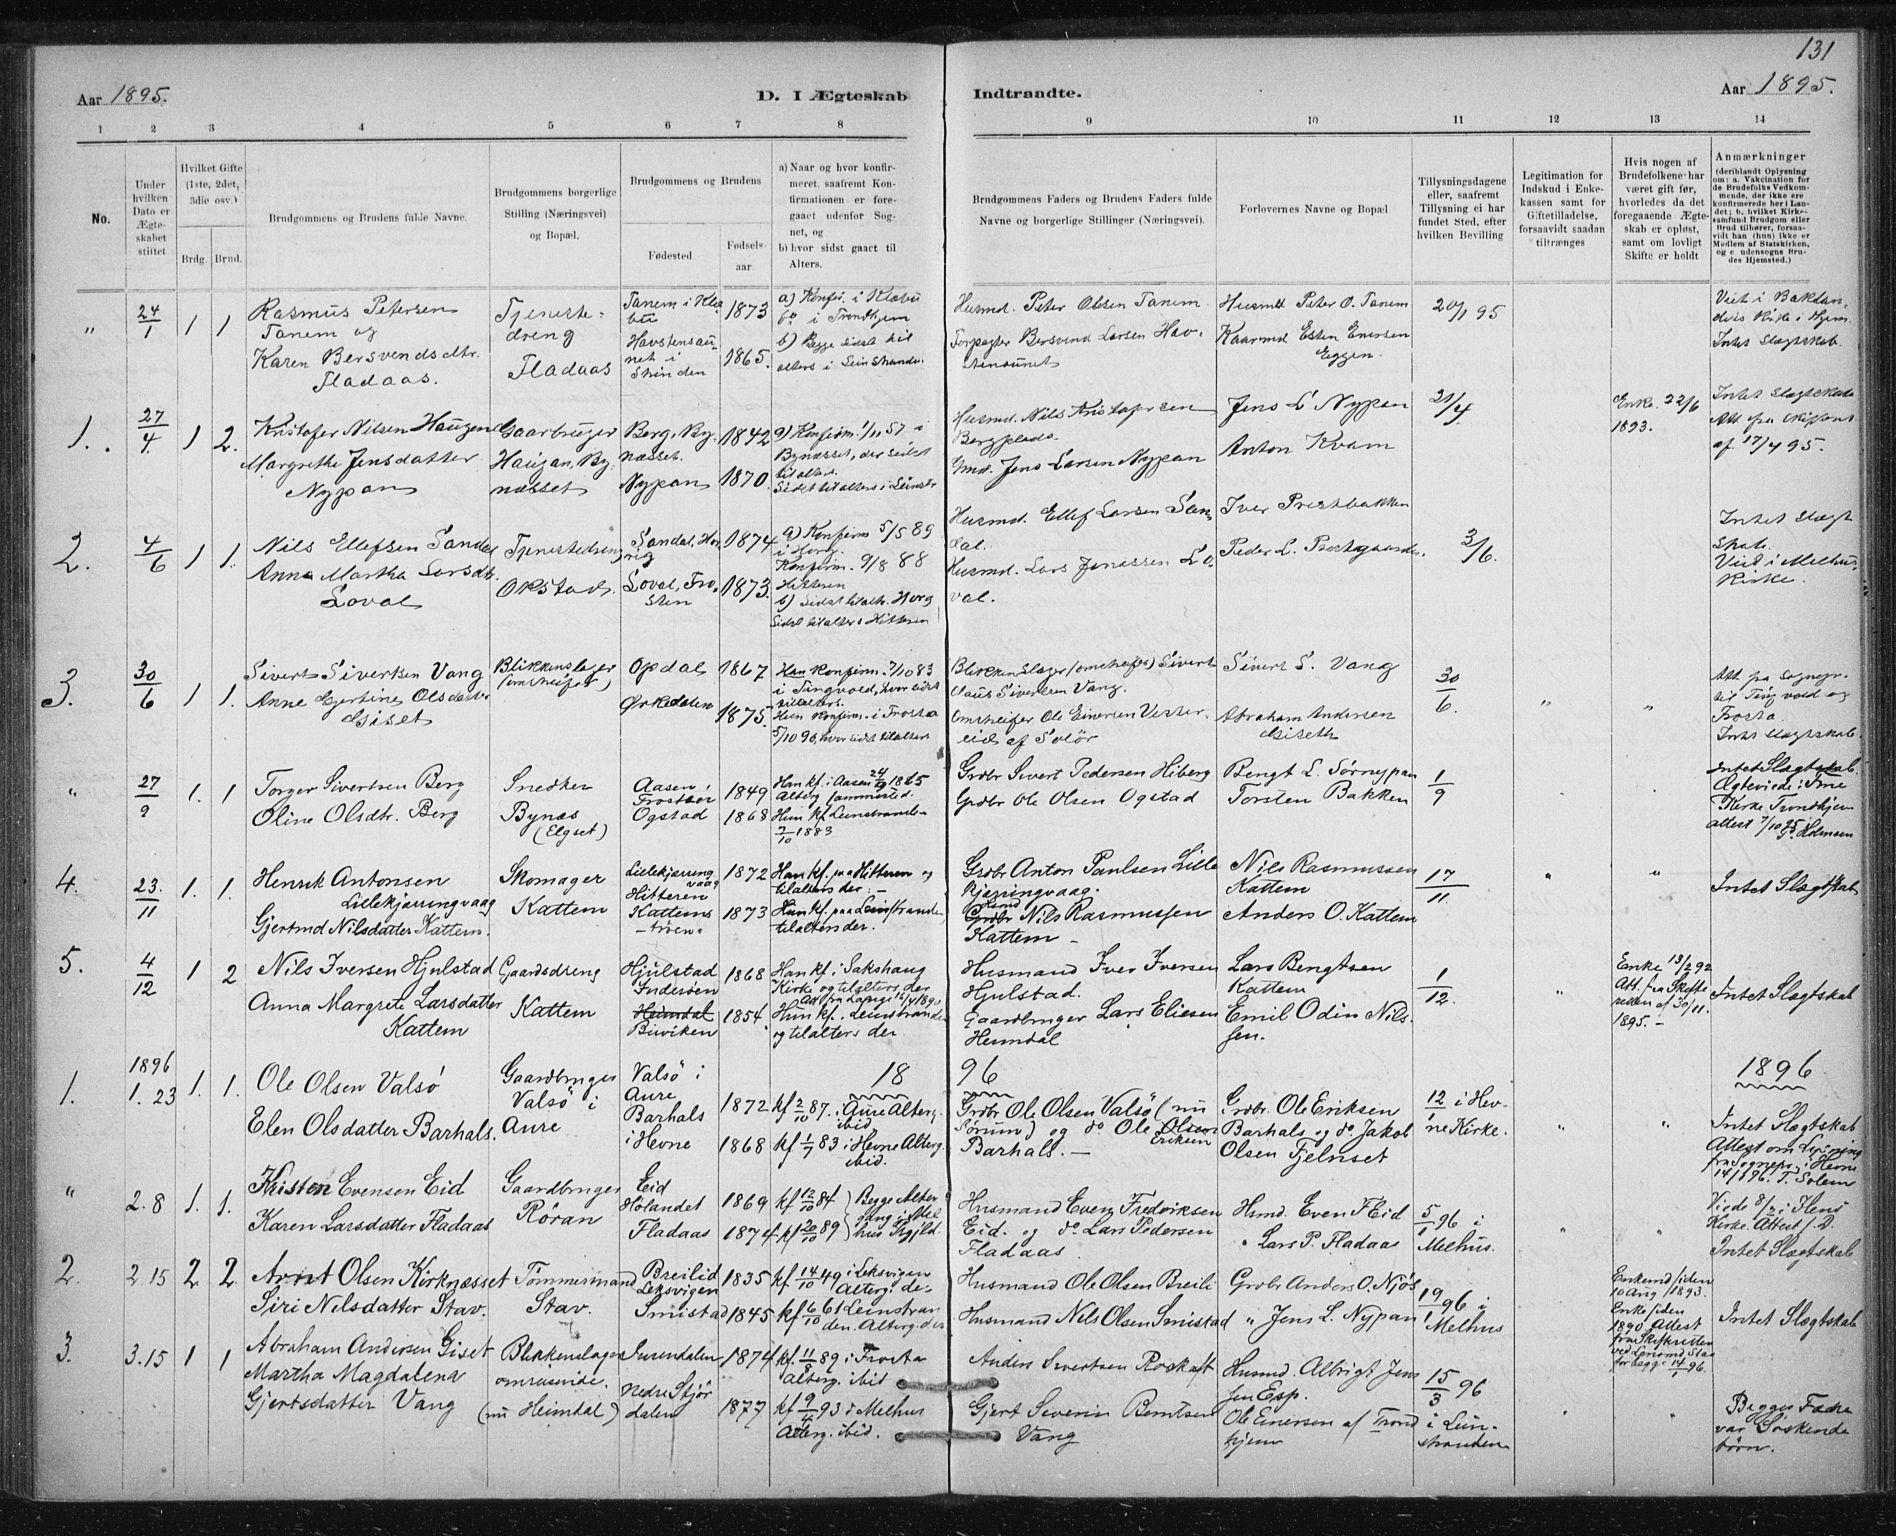 SAT, Ministerialprotokoller, klokkerbøker og fødselsregistre - Sør-Trøndelag, 613/L0392: Ministerialbok nr. 613A01, 1887-1906, s. 131